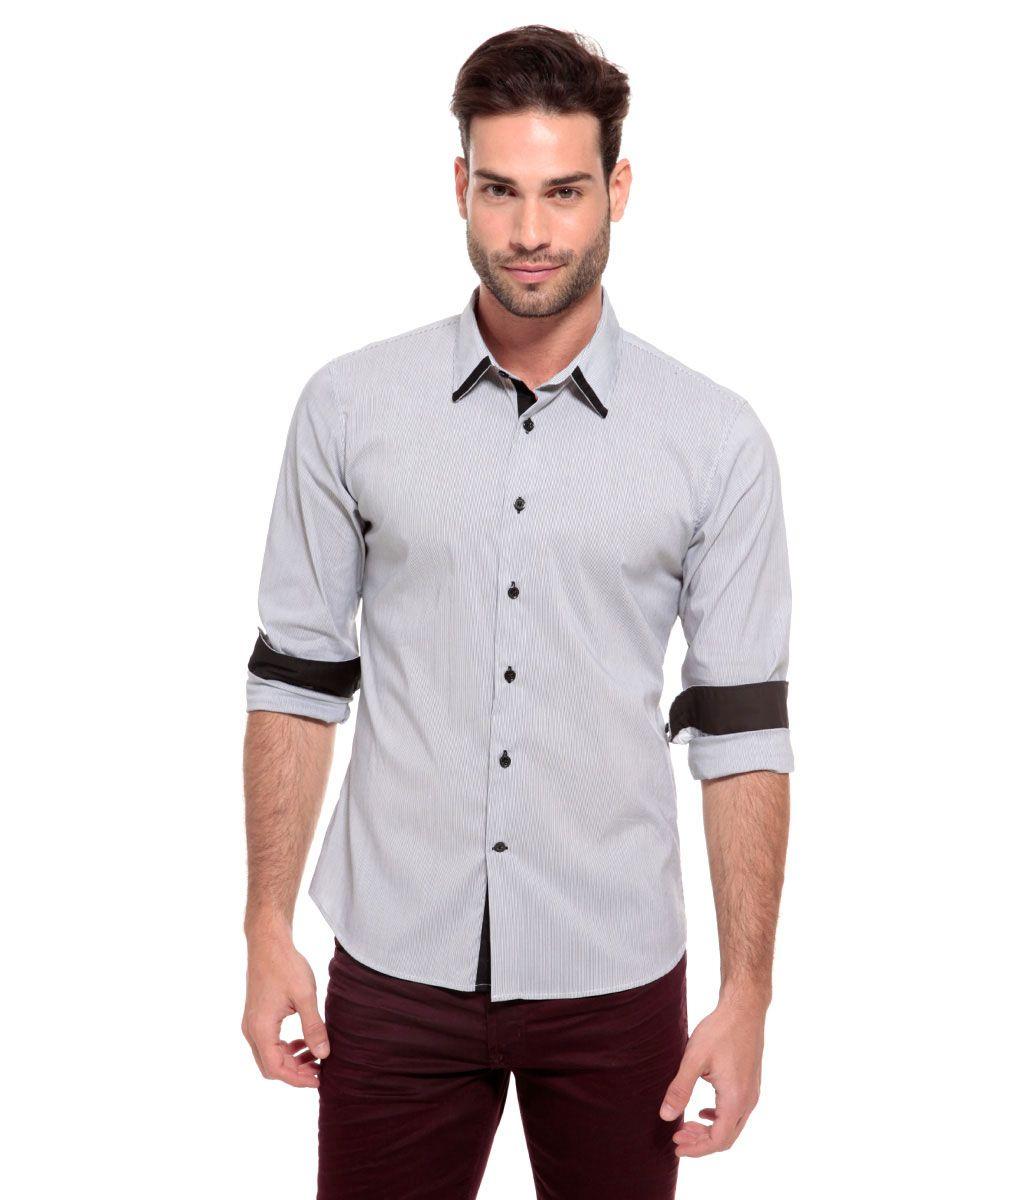 3f7798da4 Camisa masculina Manga longa Estampada Colarinho clássico s  botão Marca   Request Tecido  Algodão Composição  100% algodão Modelo veste tamanho  03  COLEÇÃO ...